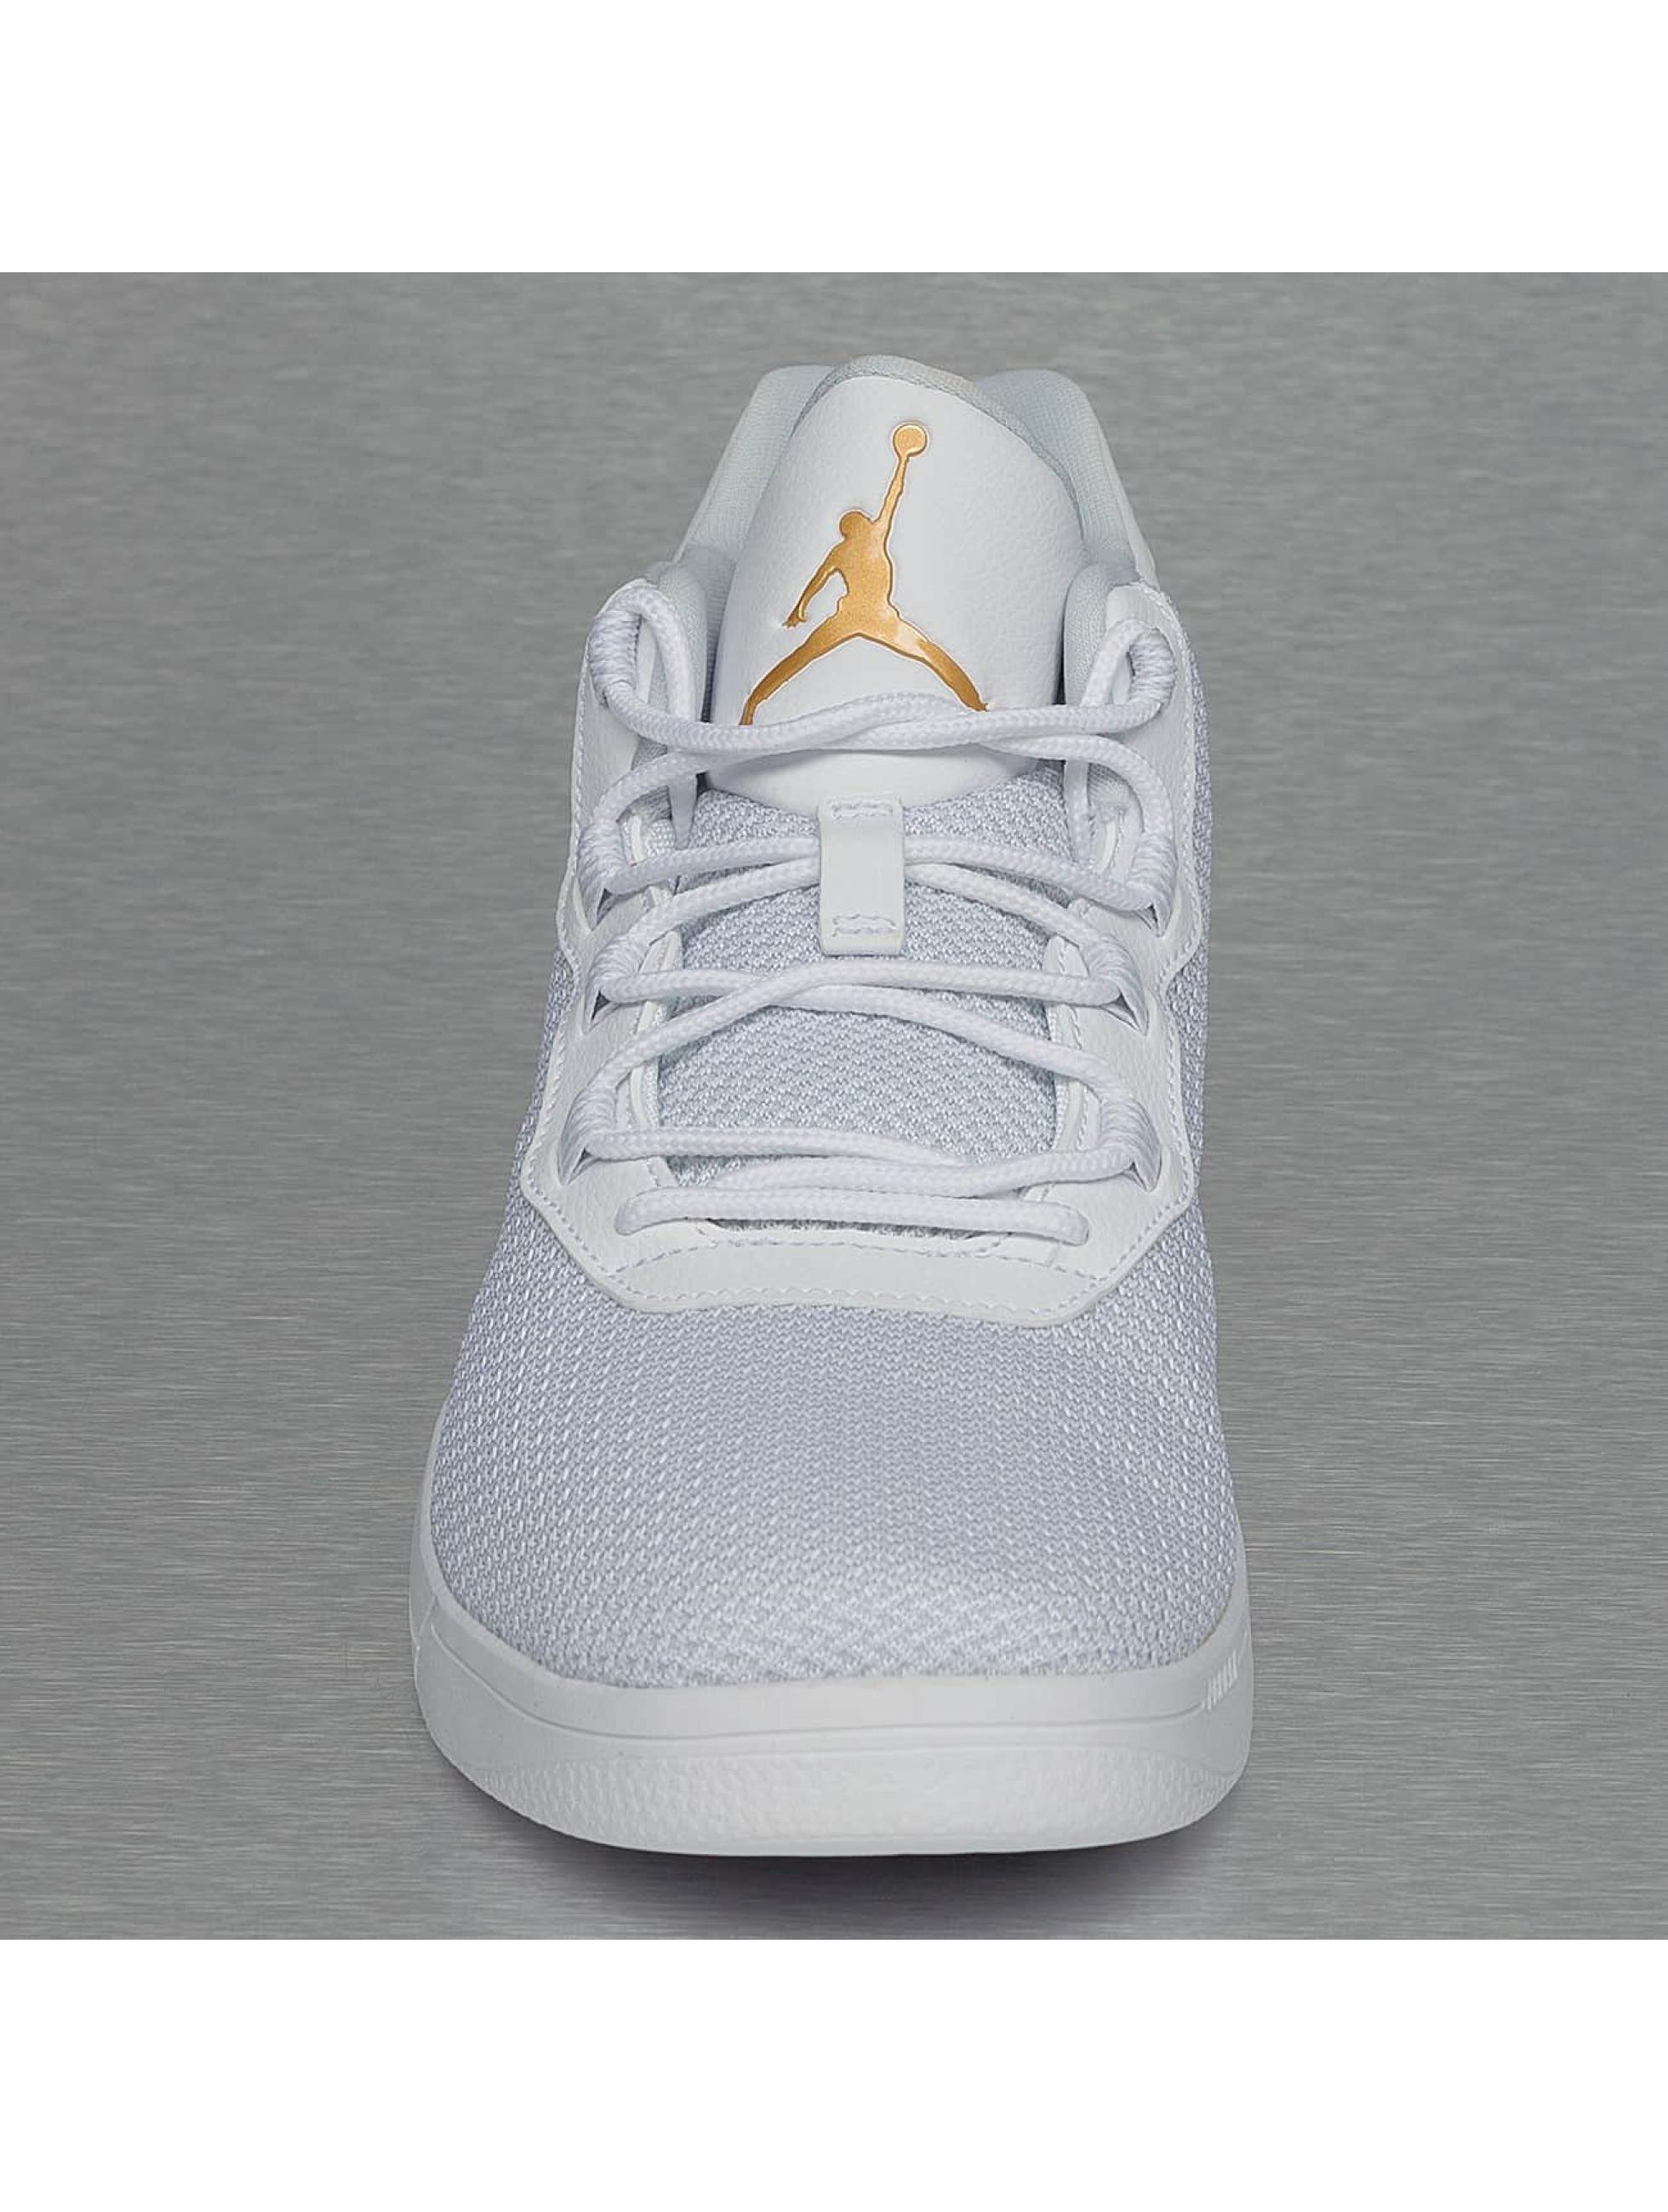 Jordan sneaker Academy wit